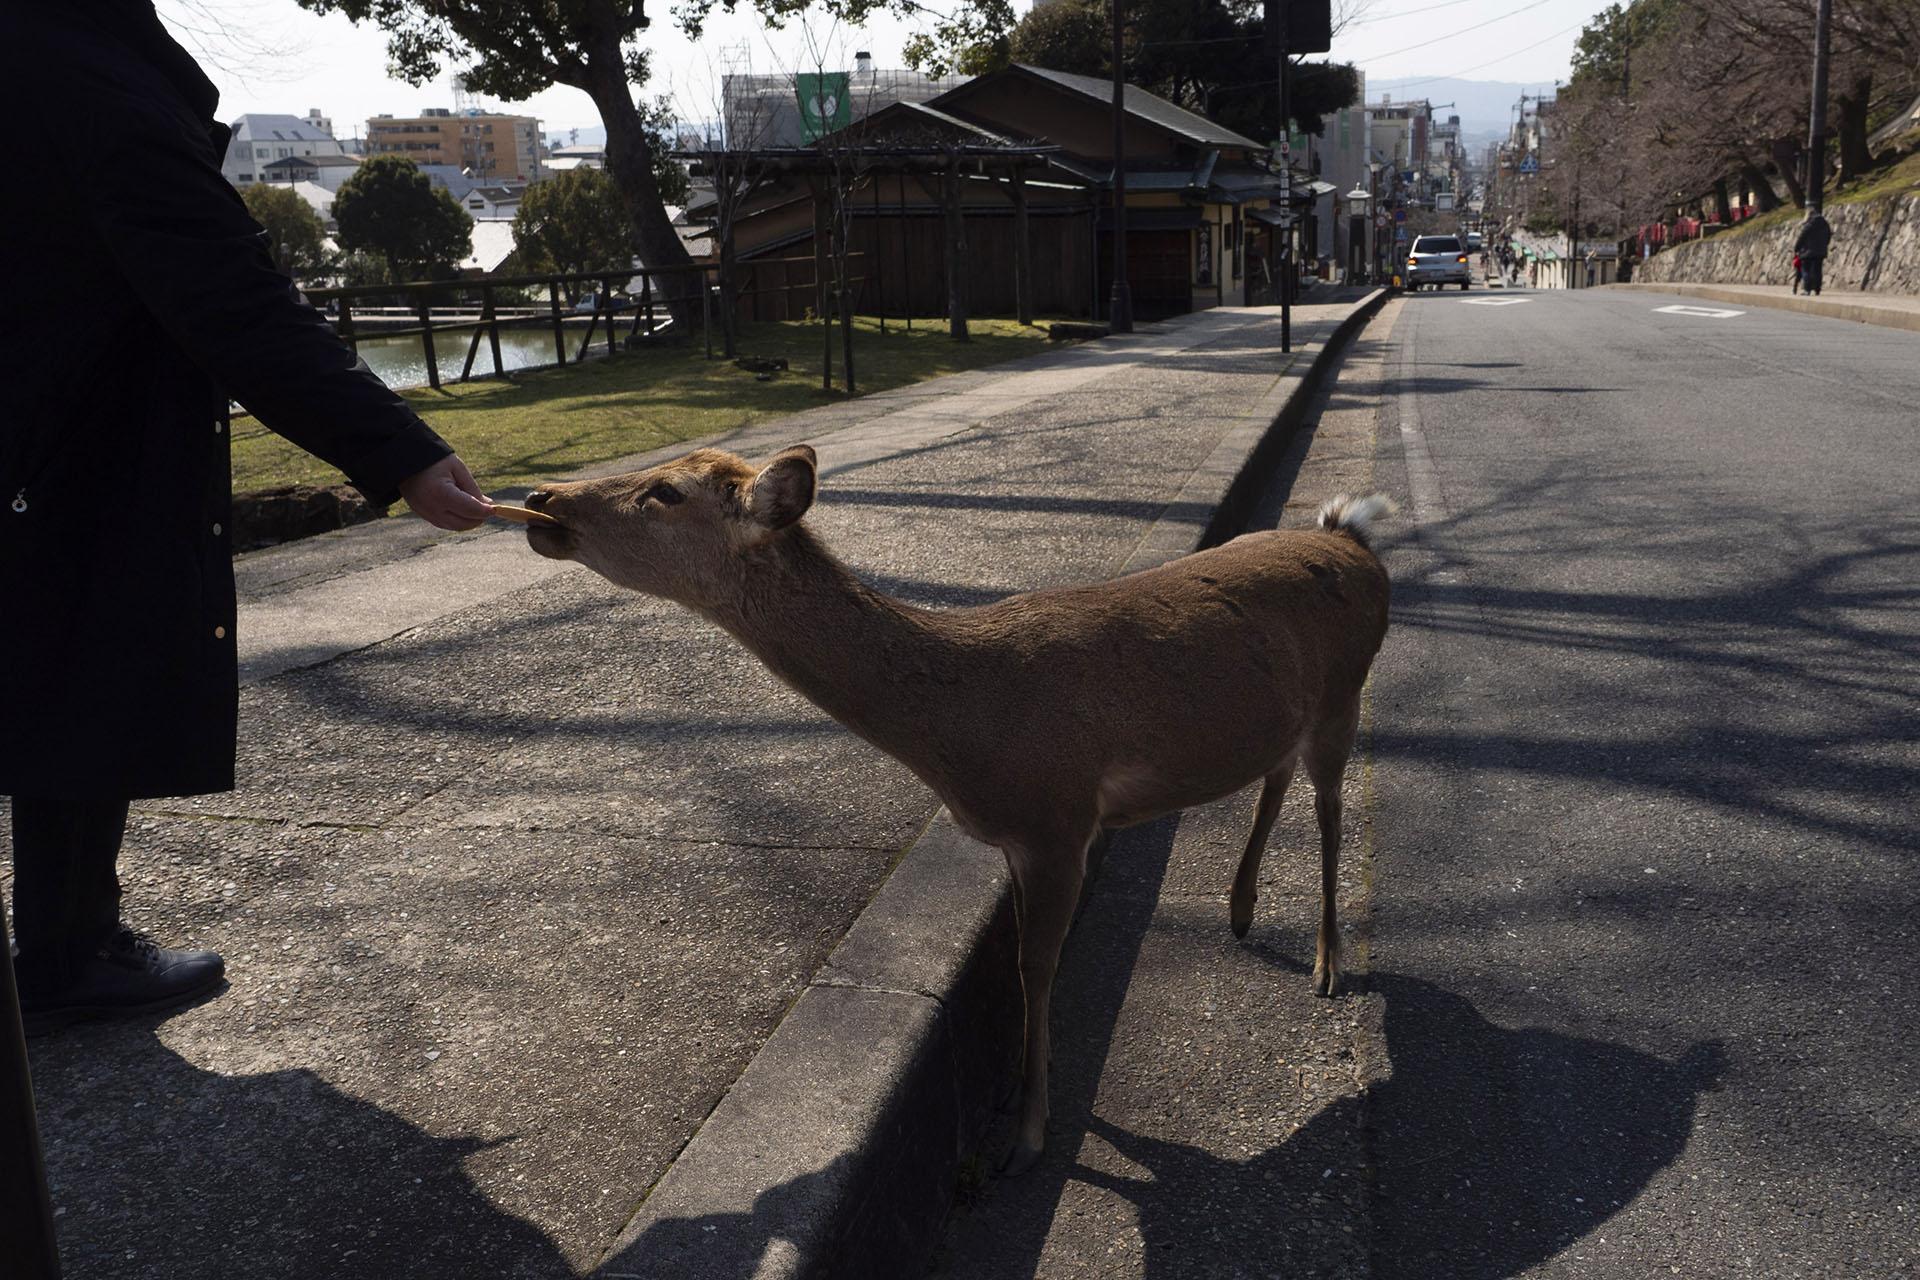 Un turista da de comer a un ciervo en Nara, Japón (AP Photo / Jae C. Hong)